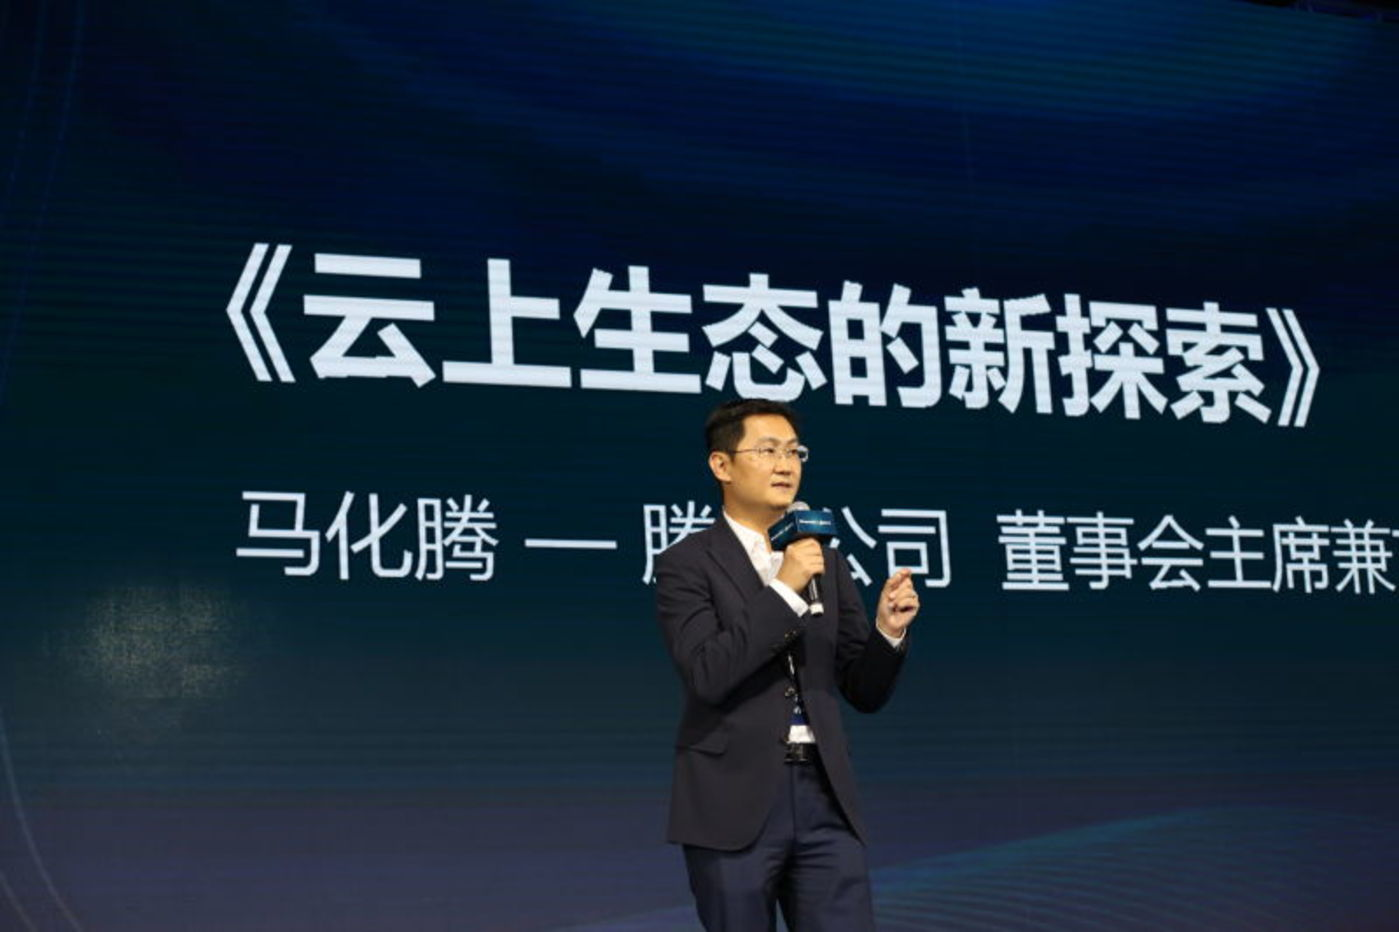 腾讯公司董事会主席兼首席执行官马化腾在2016云+峰会上发表主题演讲